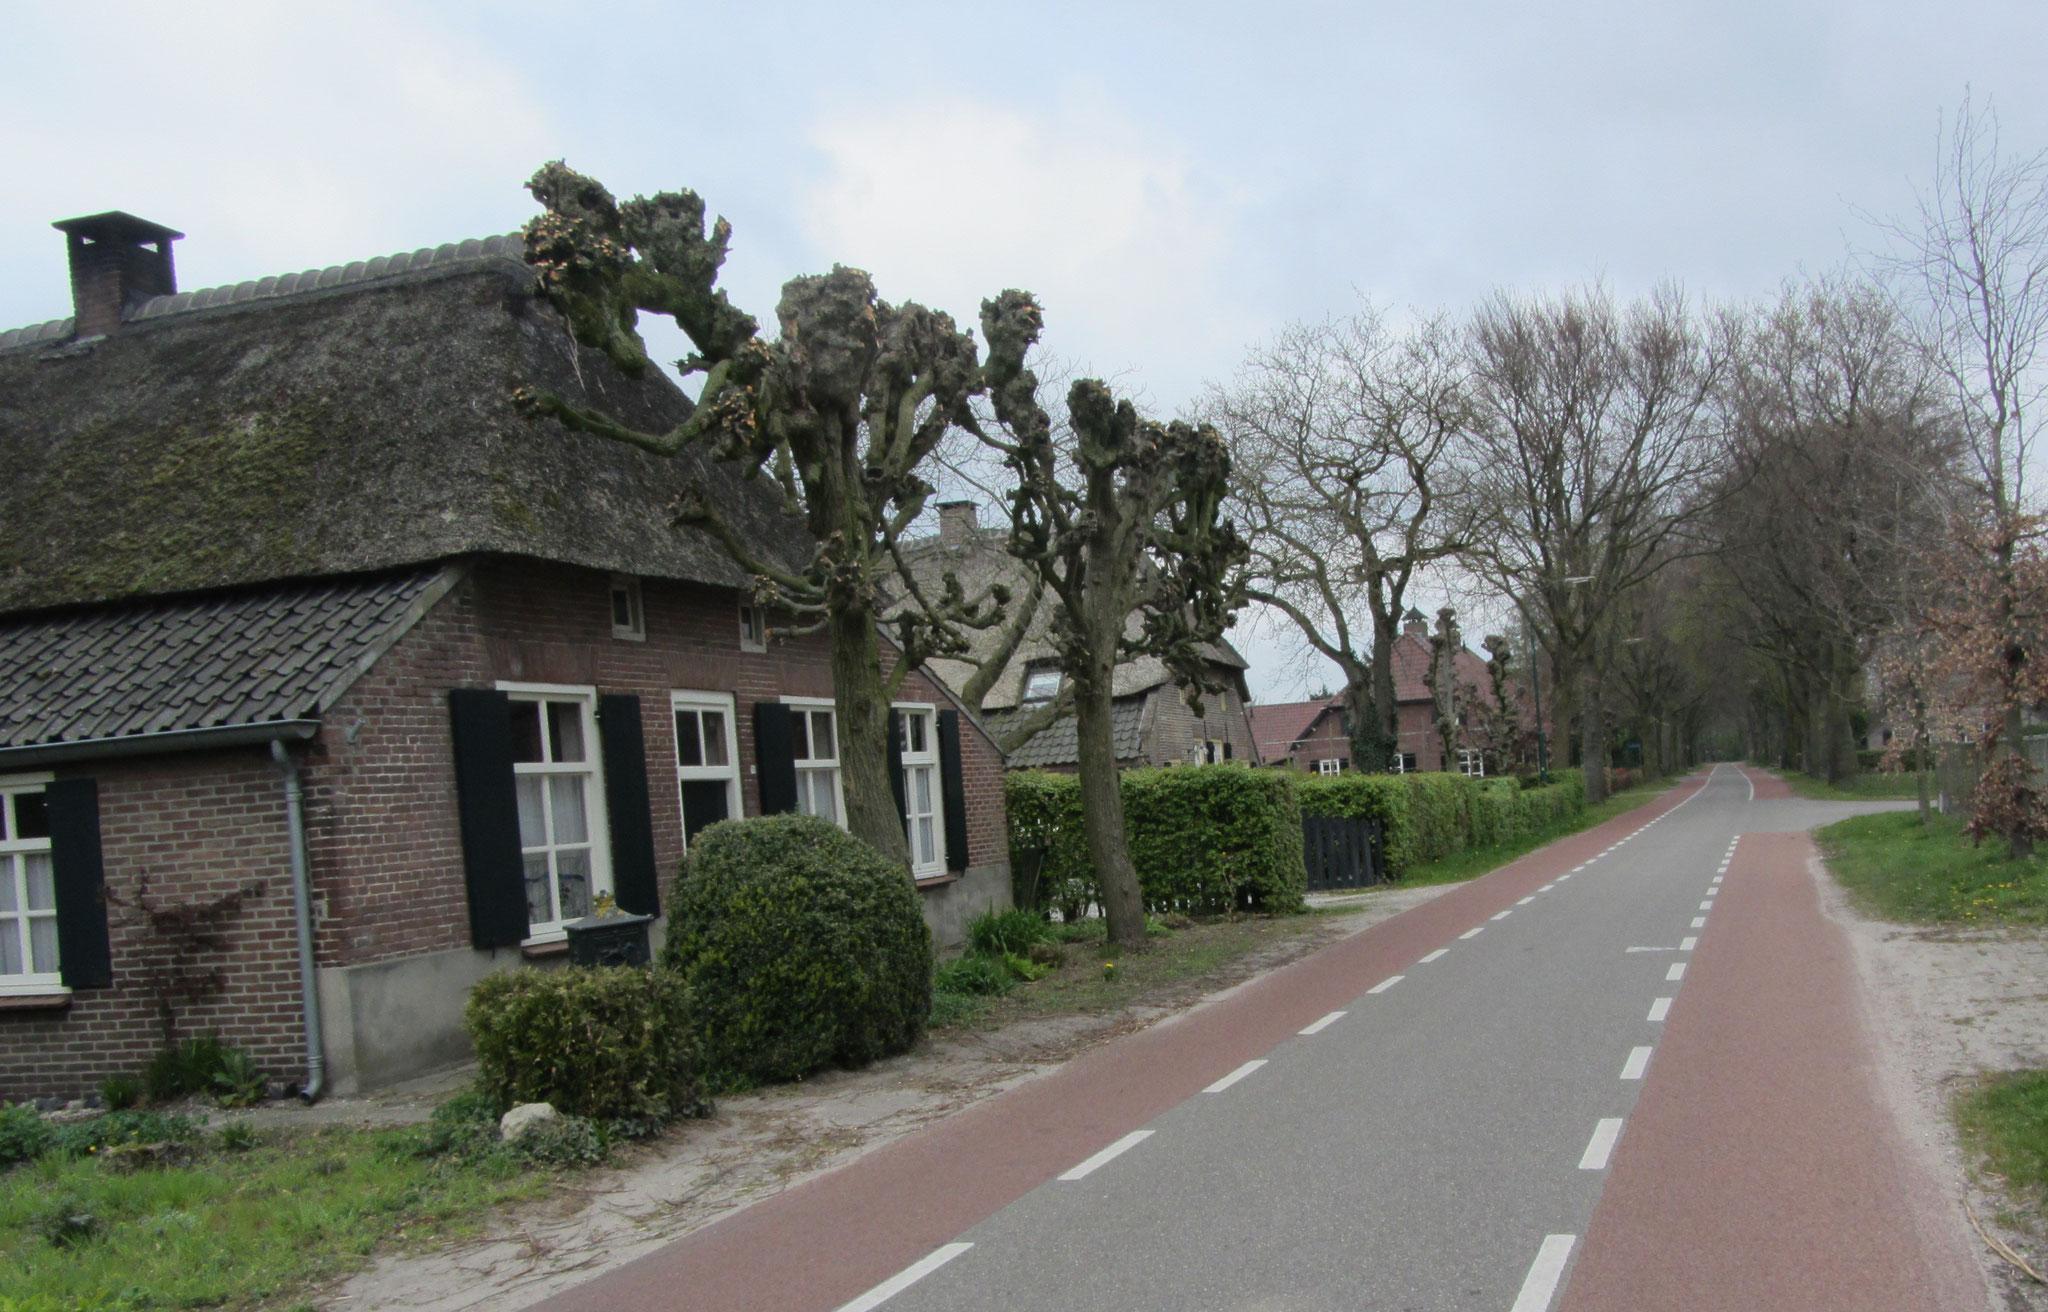 Straatbeeld Donzel, gebiedstype agrarisch cluster